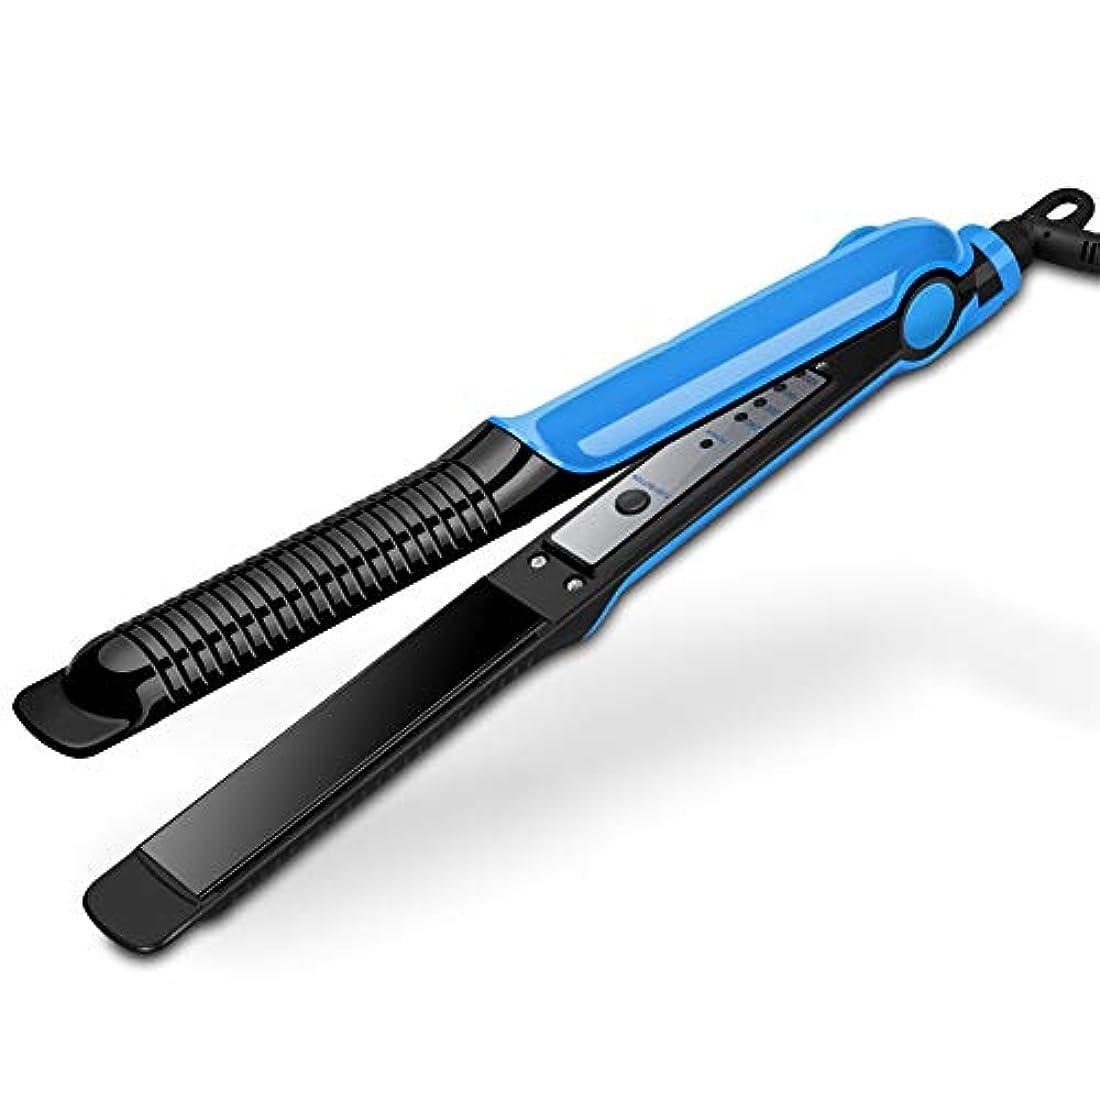 終わった肺炎速い多機能調節可能な温度ストレートヘアストレートラインデュアルユースウェットアンドドライデュアルユース自動一定温度4スピードサーモスタットパネル均一に熱は髪を傷つけません30秒ホットパープルブルー (Color : Blue)